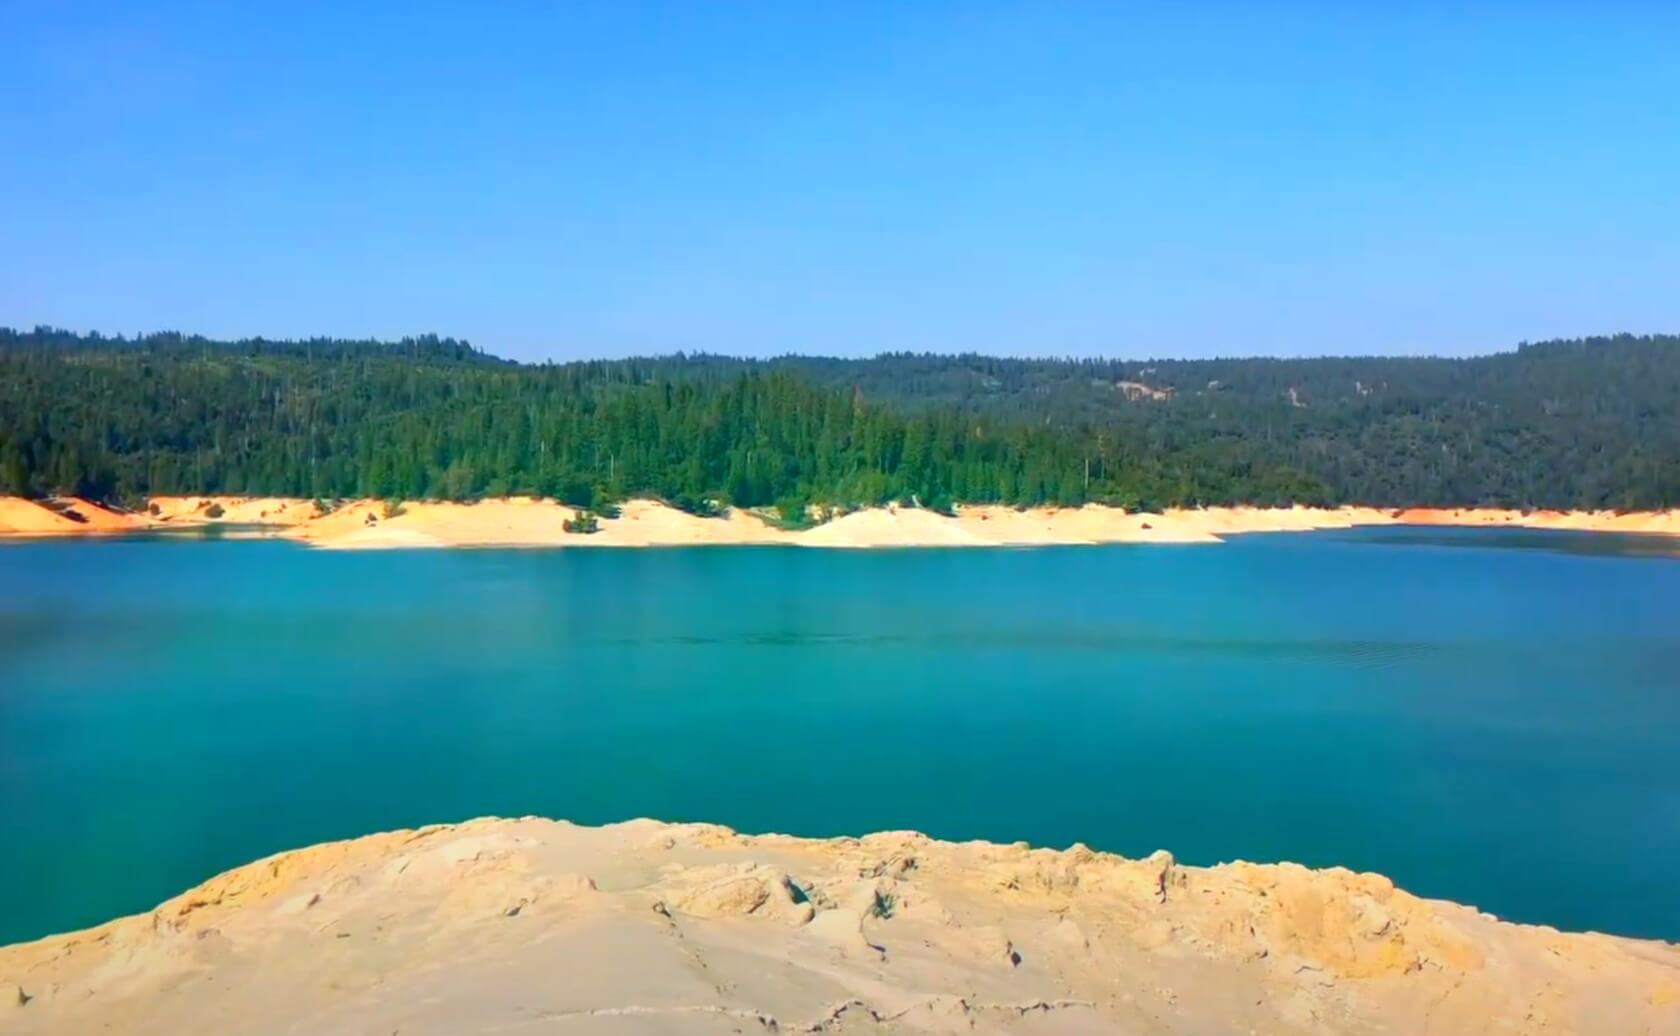 New-Bullards-Bar-Reservoir-Lake-Fishing-Guide-Report-California-05